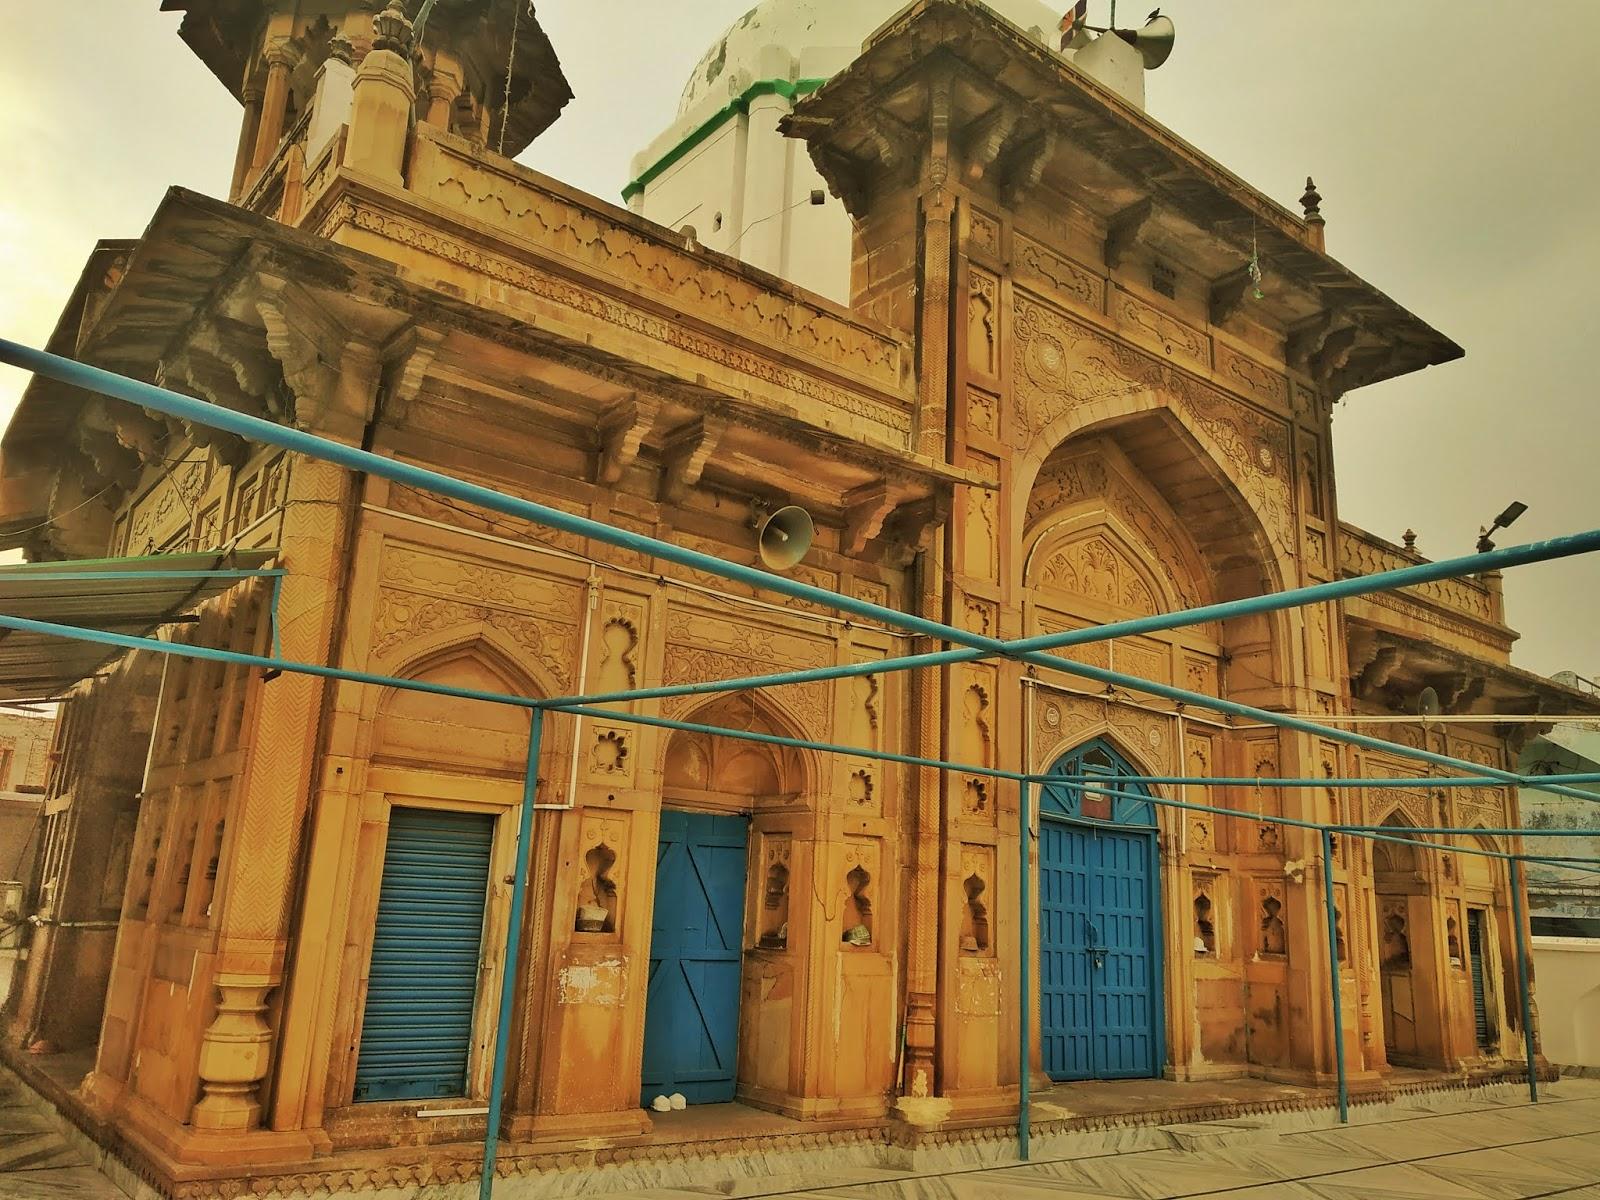 शाही मस्जिद बहादुरगंज इलाहाबाद